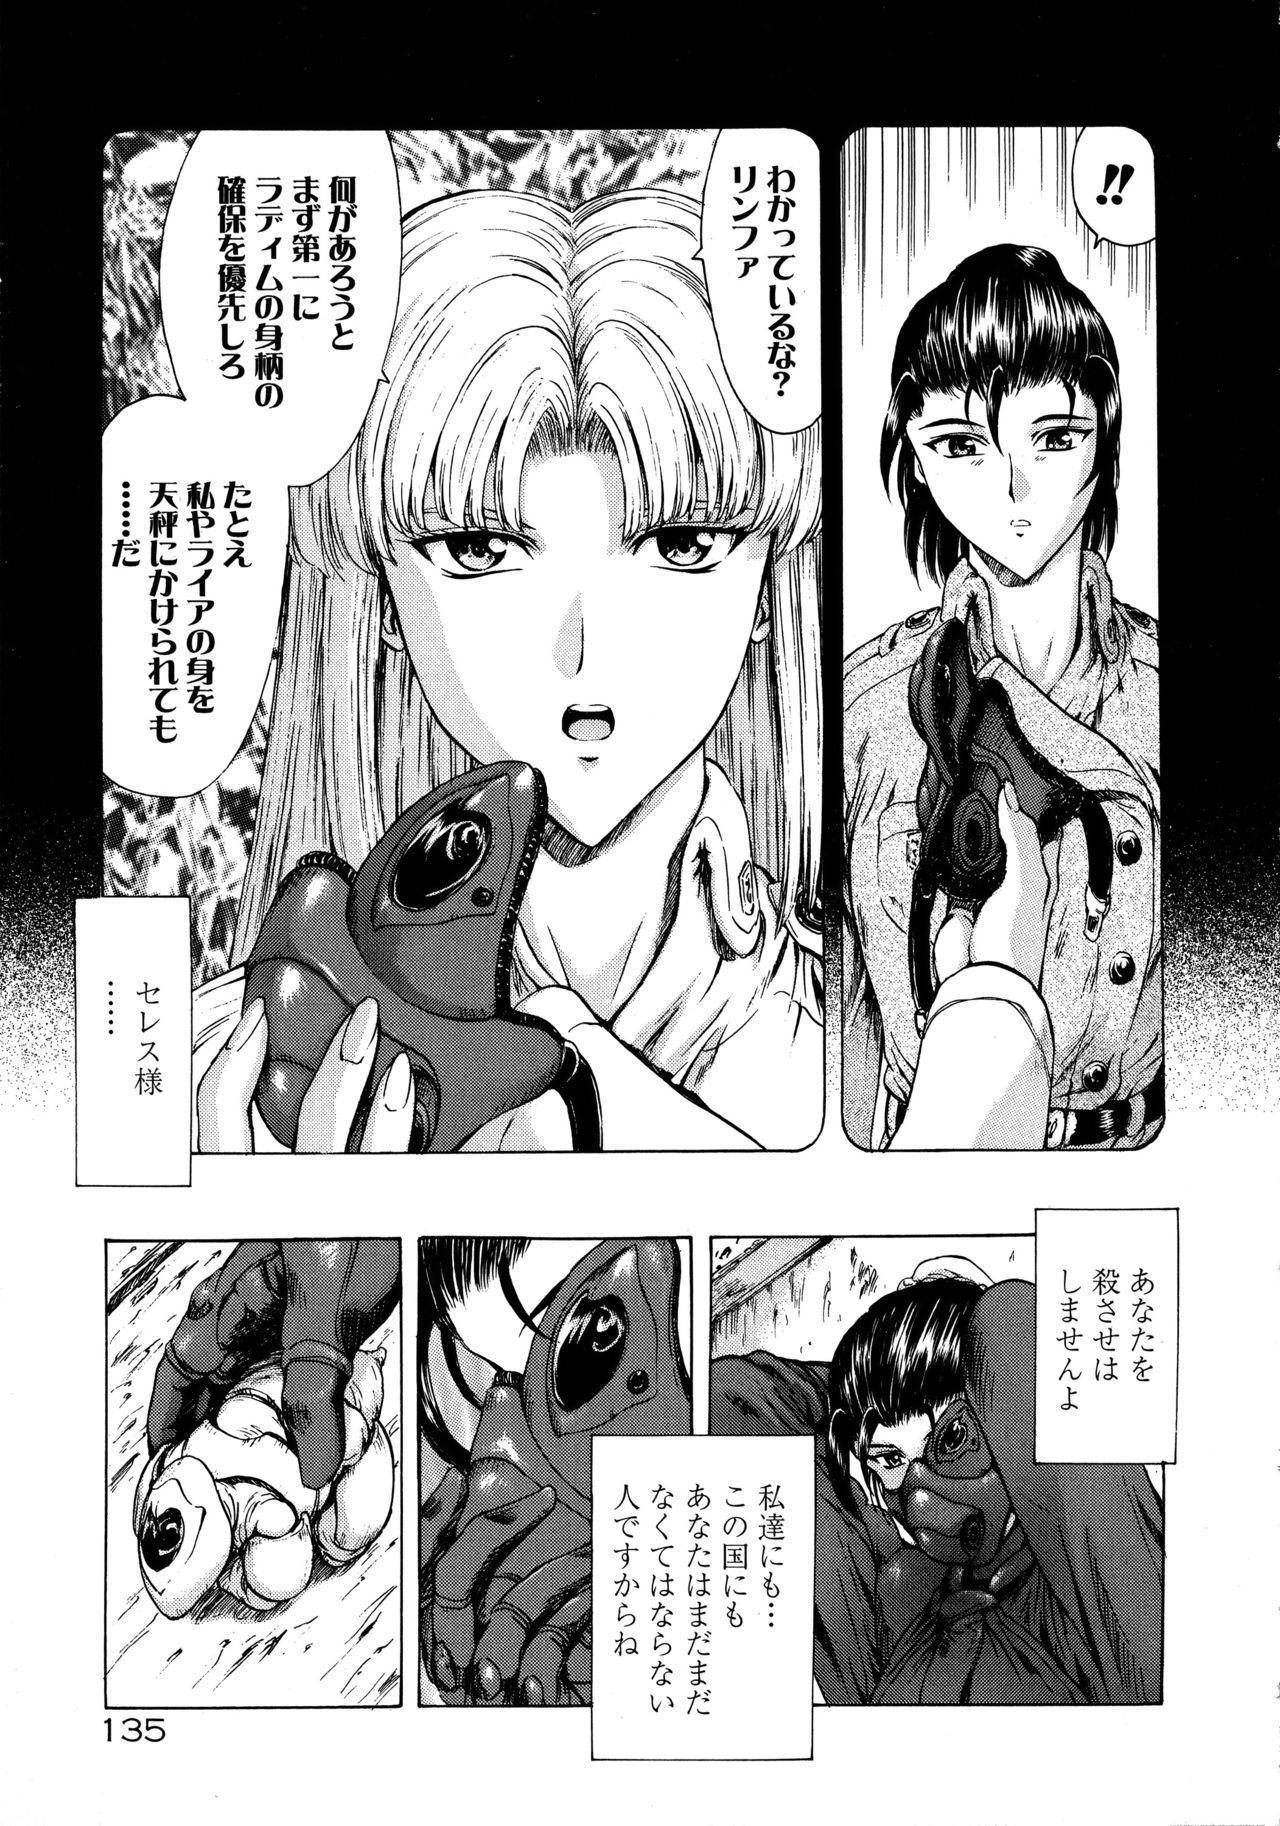 Ginryuu no Reimei Vol. 1 142